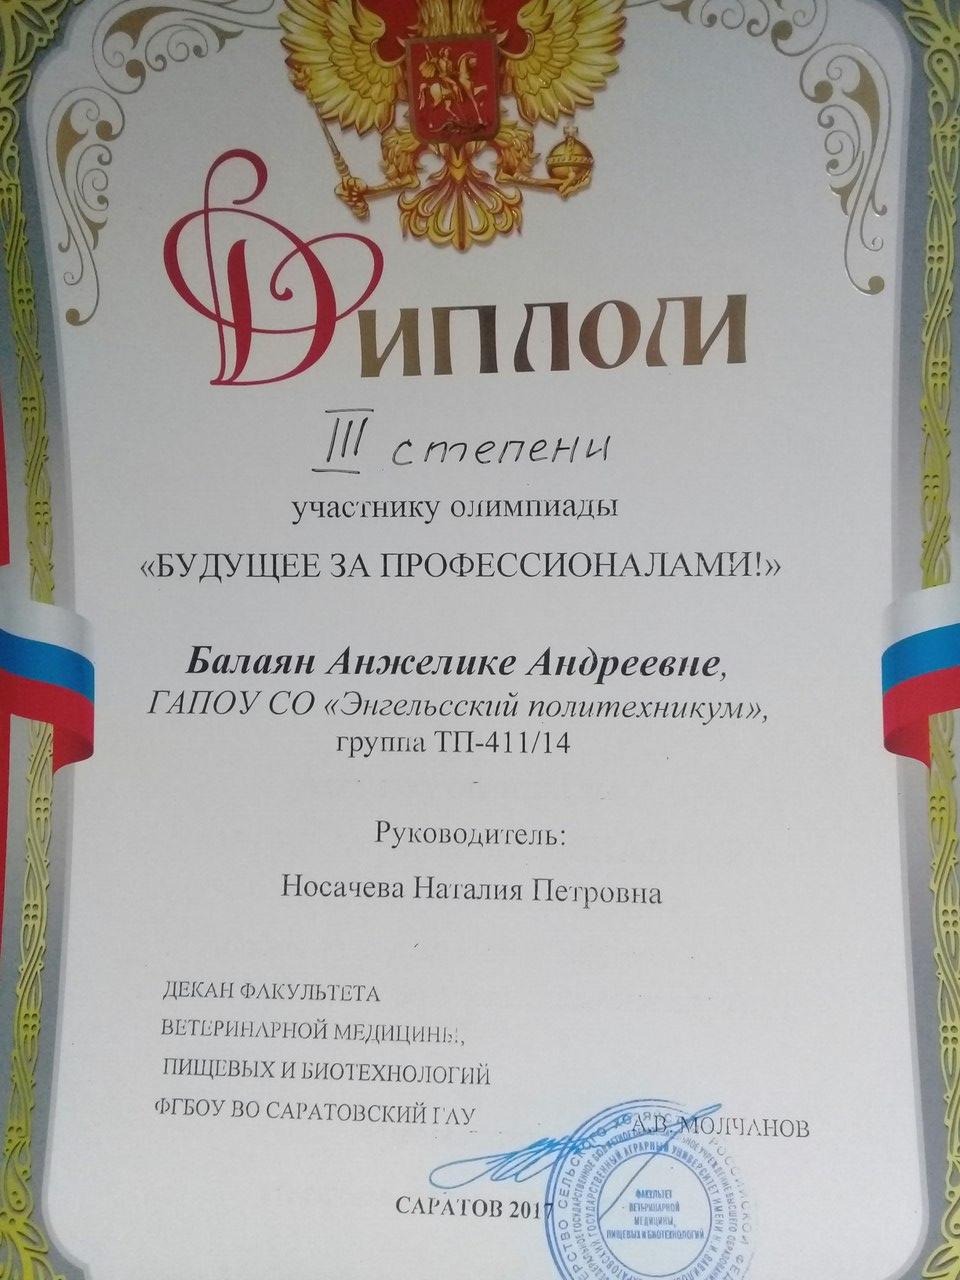 http://politehnikum-eng.ru/2017/12_18/8.jpg